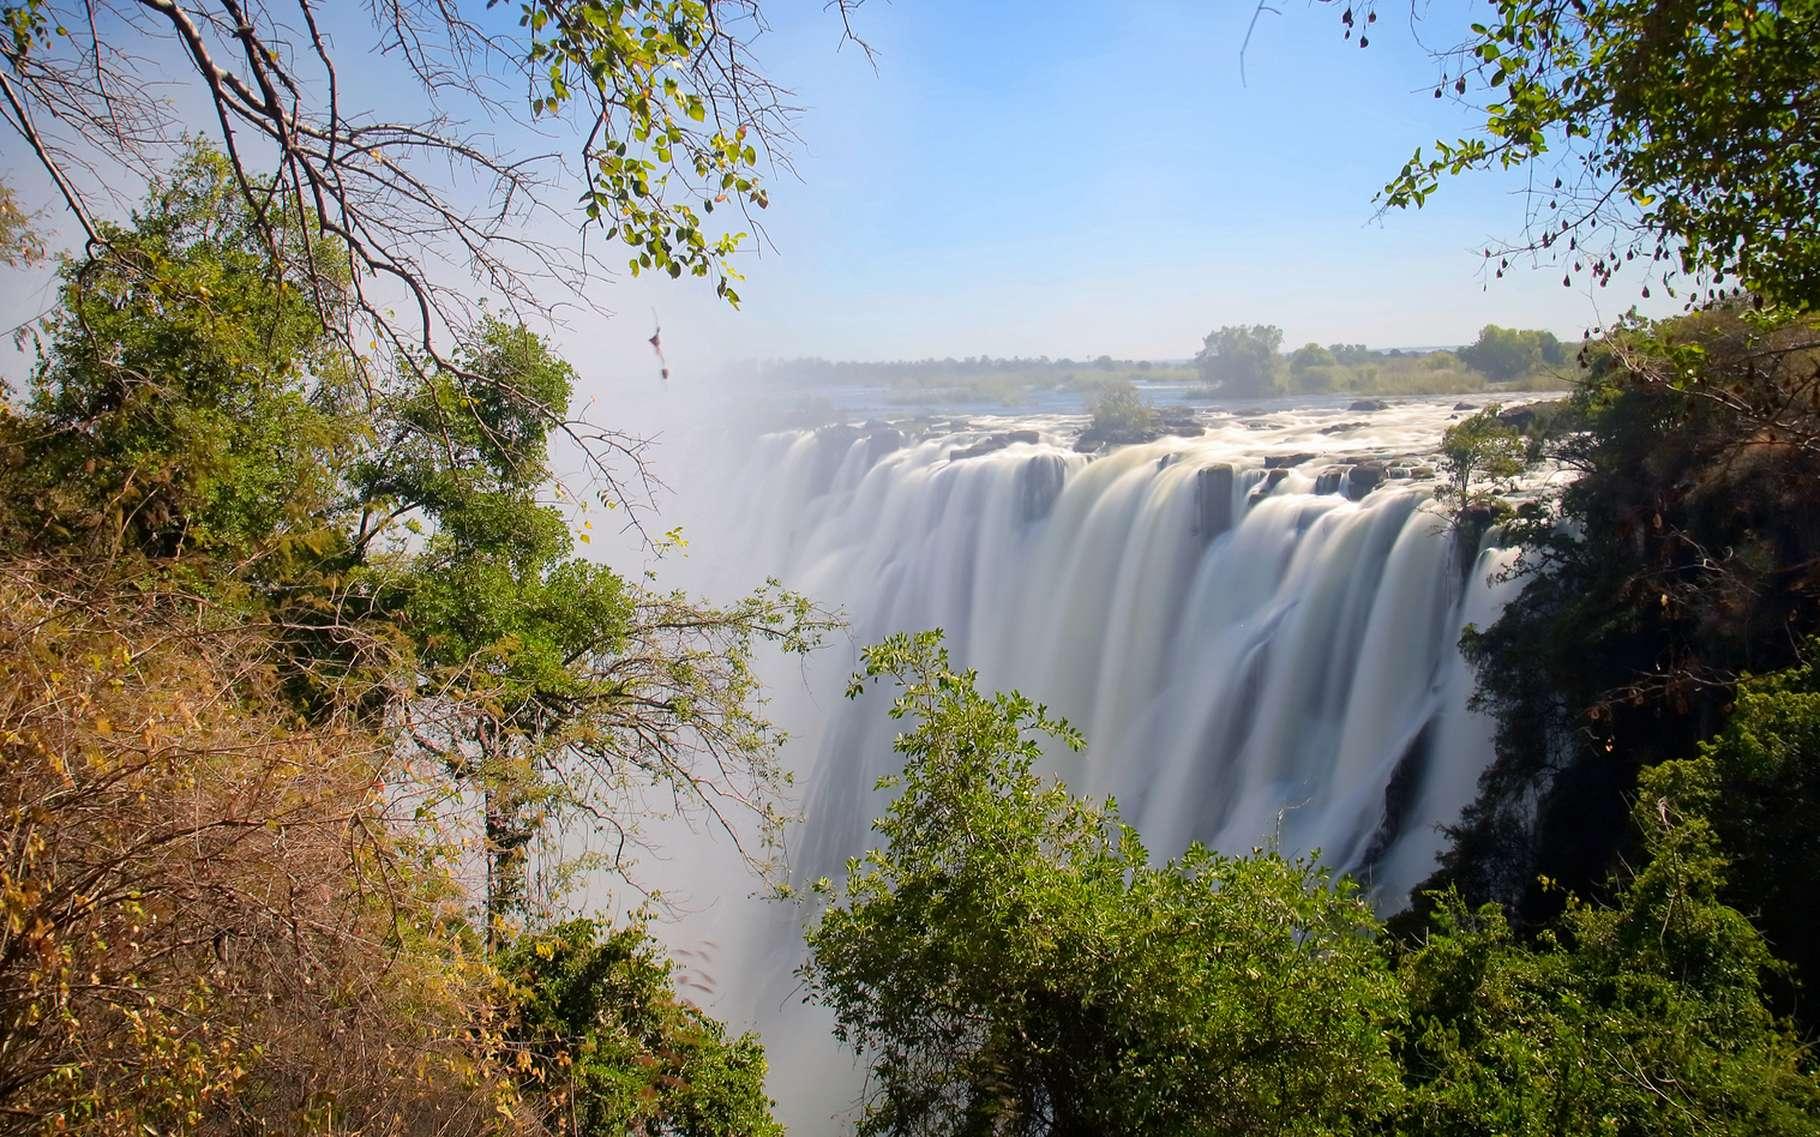 Les chutes Victoria vues du côté de la Zambie. Dans ce site exceptionnel, le fleuve Zambèze est large de plus de 1,7 km. La brume est visible à des dizaines de kilomètres en aval. © Yury Birukov, shutterstock